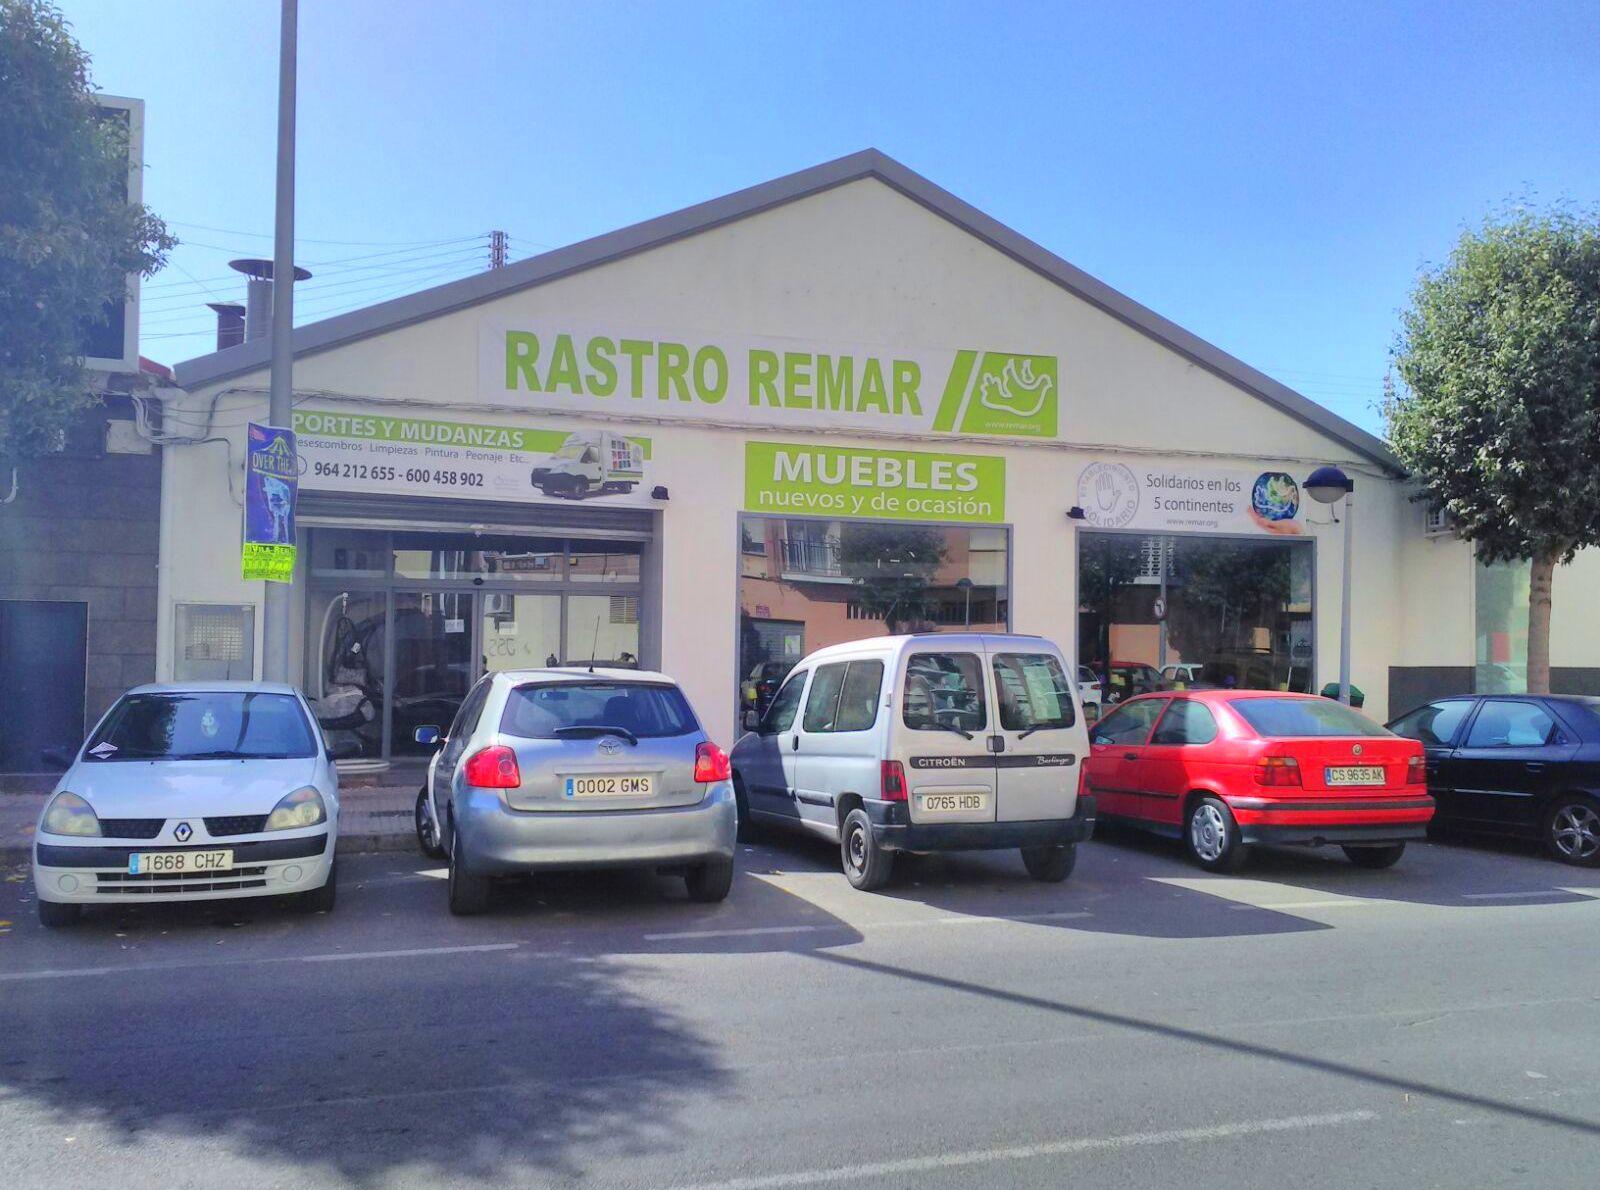 Picture 34 of Venta de muebles de segunda mano in Castelló de la Plana | Remar Castellón